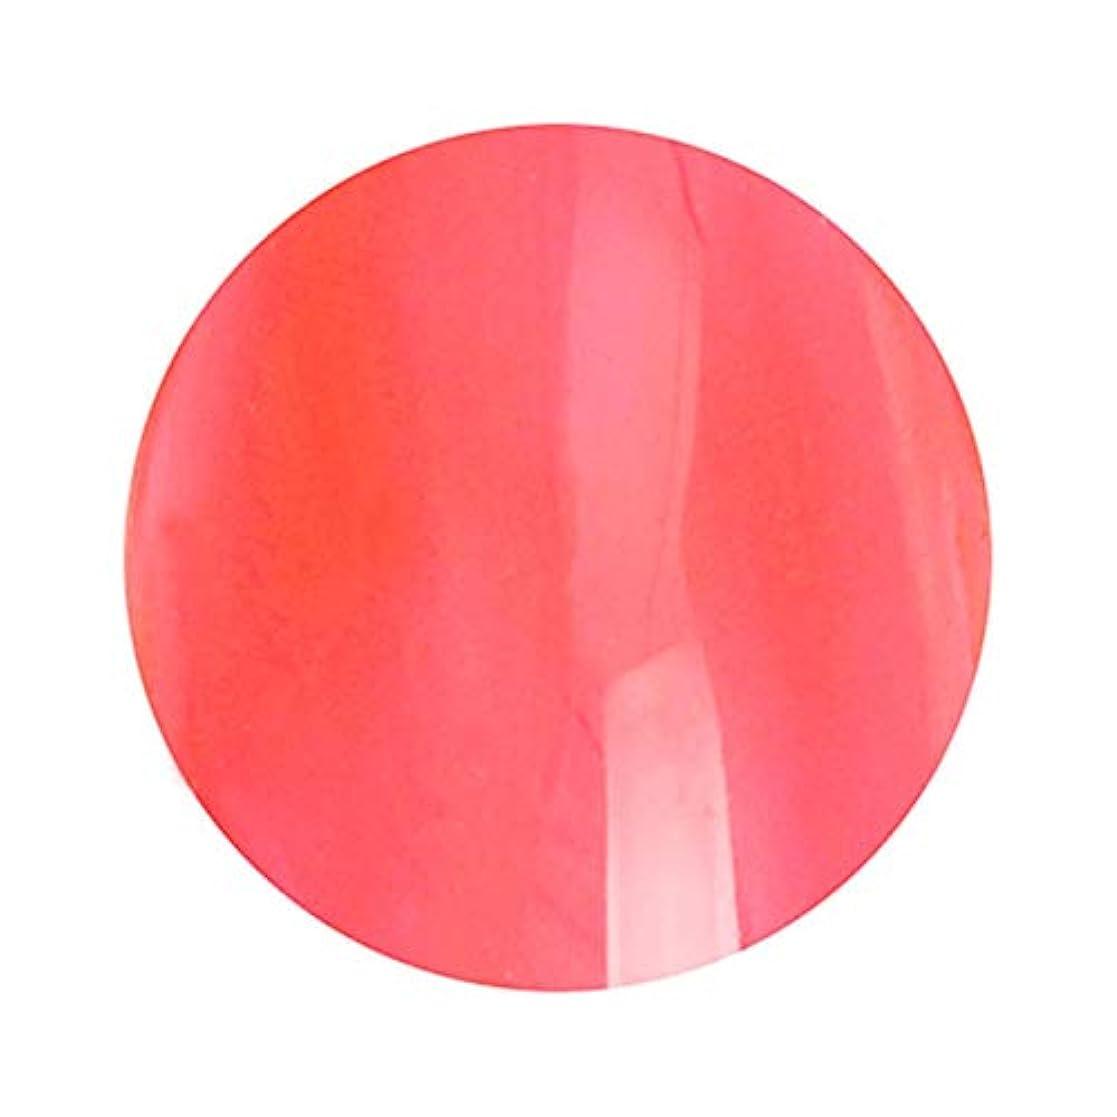 メタンバックグラウンド盲目T-GEL COLLECTION ティージェルコレクション カラージェル D237 クリアレッド 4ml